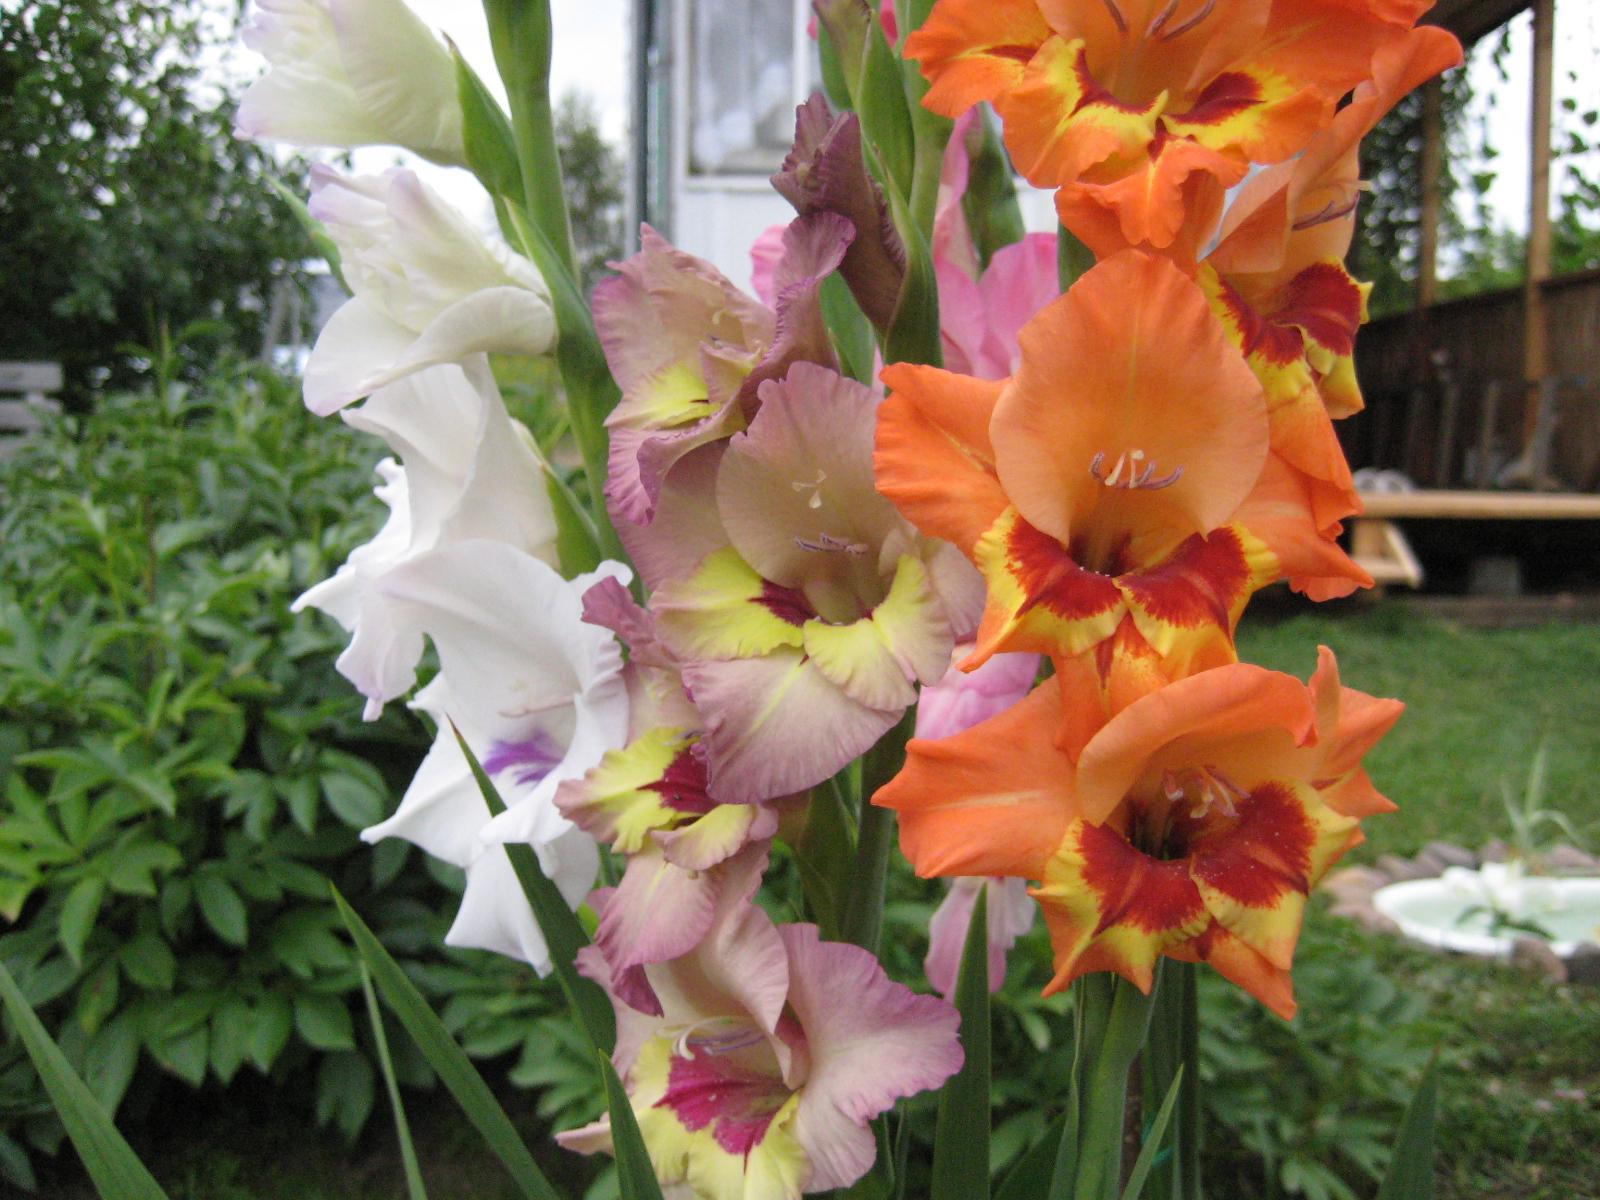 Как получить семена гладиолуса и можно ли вырастить цветы из семян 66